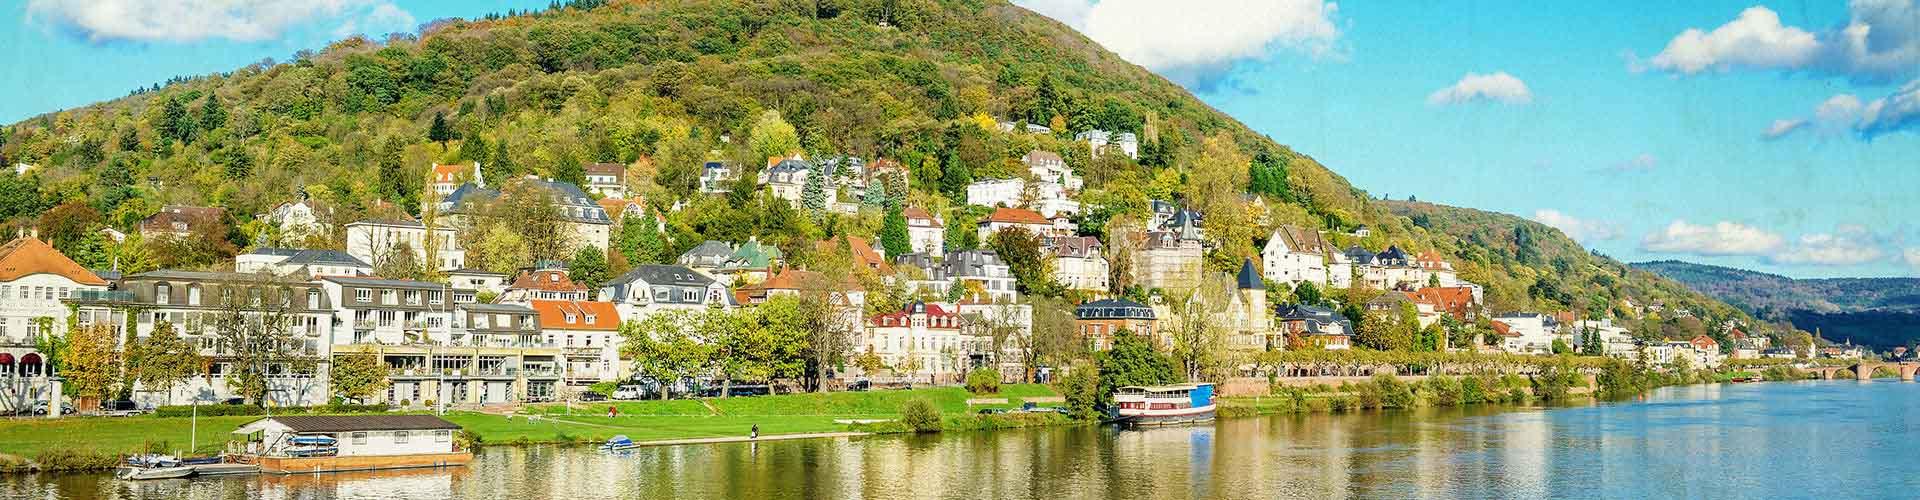 Heidelberg - Auberges de jeunesse à Heidelberg. Cartes pour Heidelberg, photos et commentaires pour chaque auberge de jeunesse à Heidelberg.